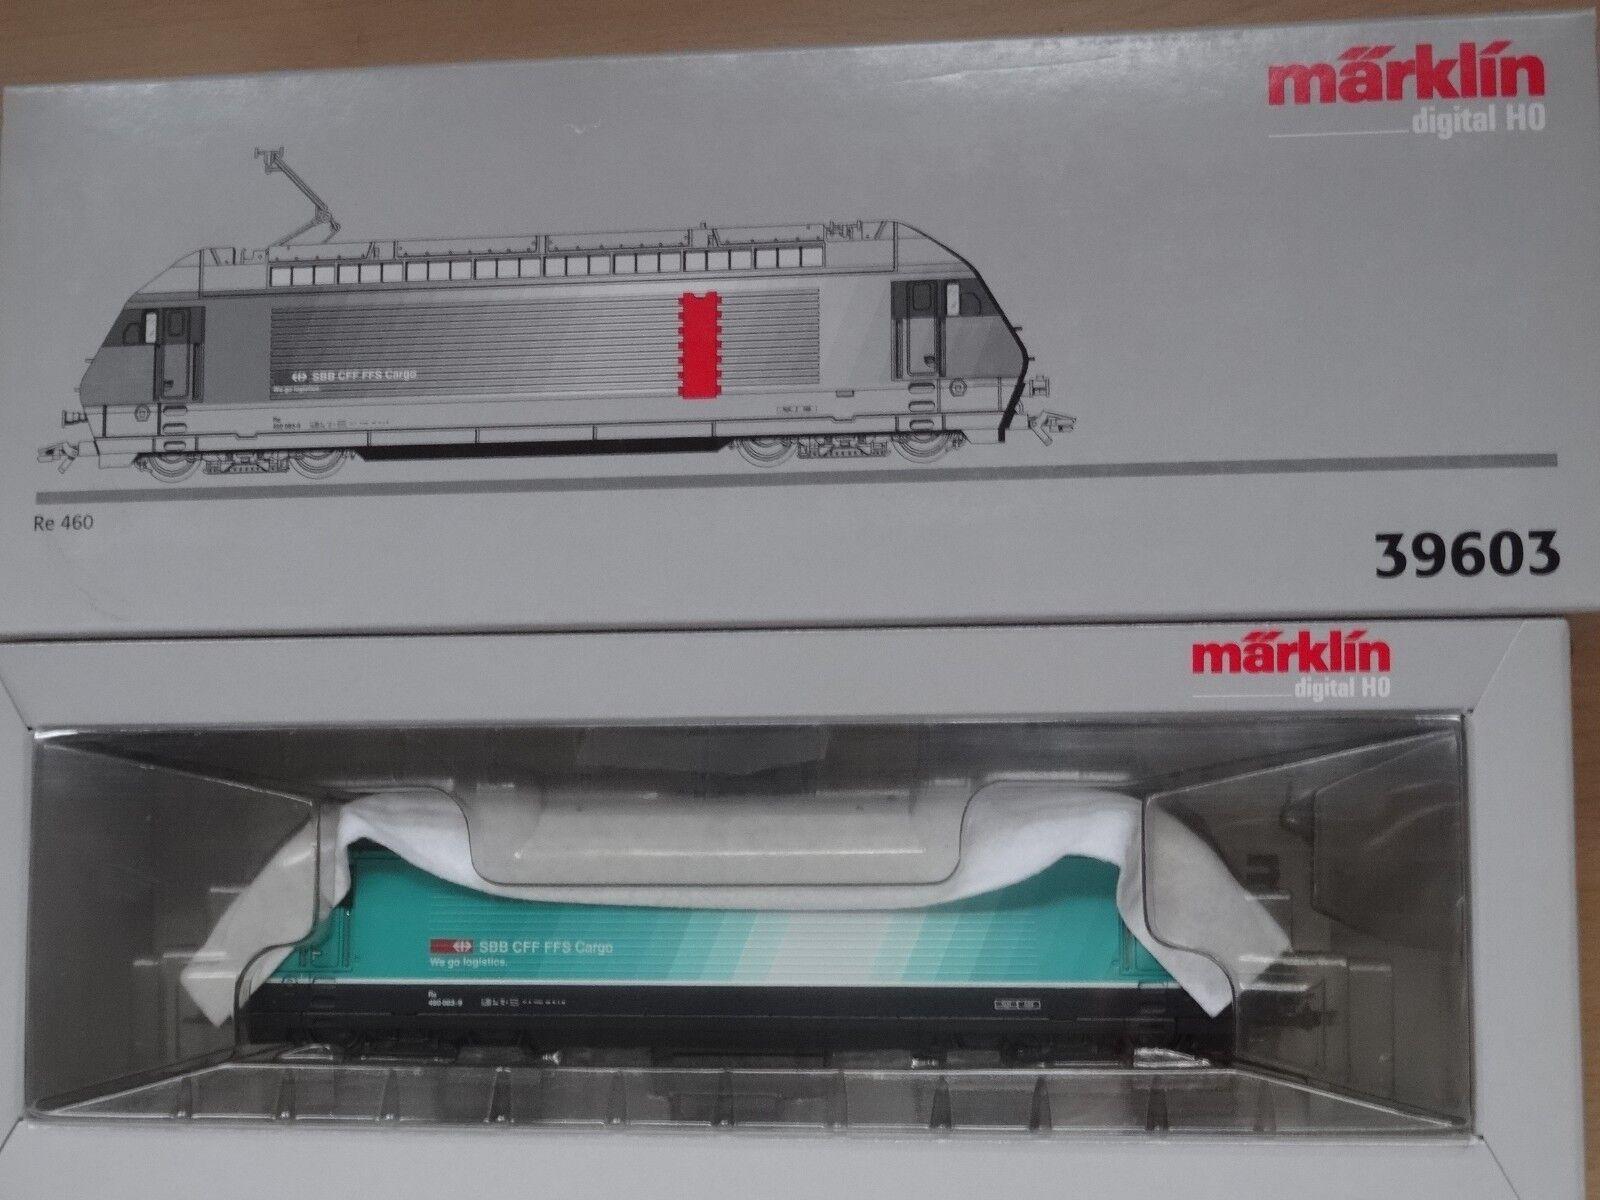 produttori fornitura diretta marklin HO ART 39603 E-Lok re 460 delle delle delle SBB, Dig Nuovo Scatola Originale  consegna veloce